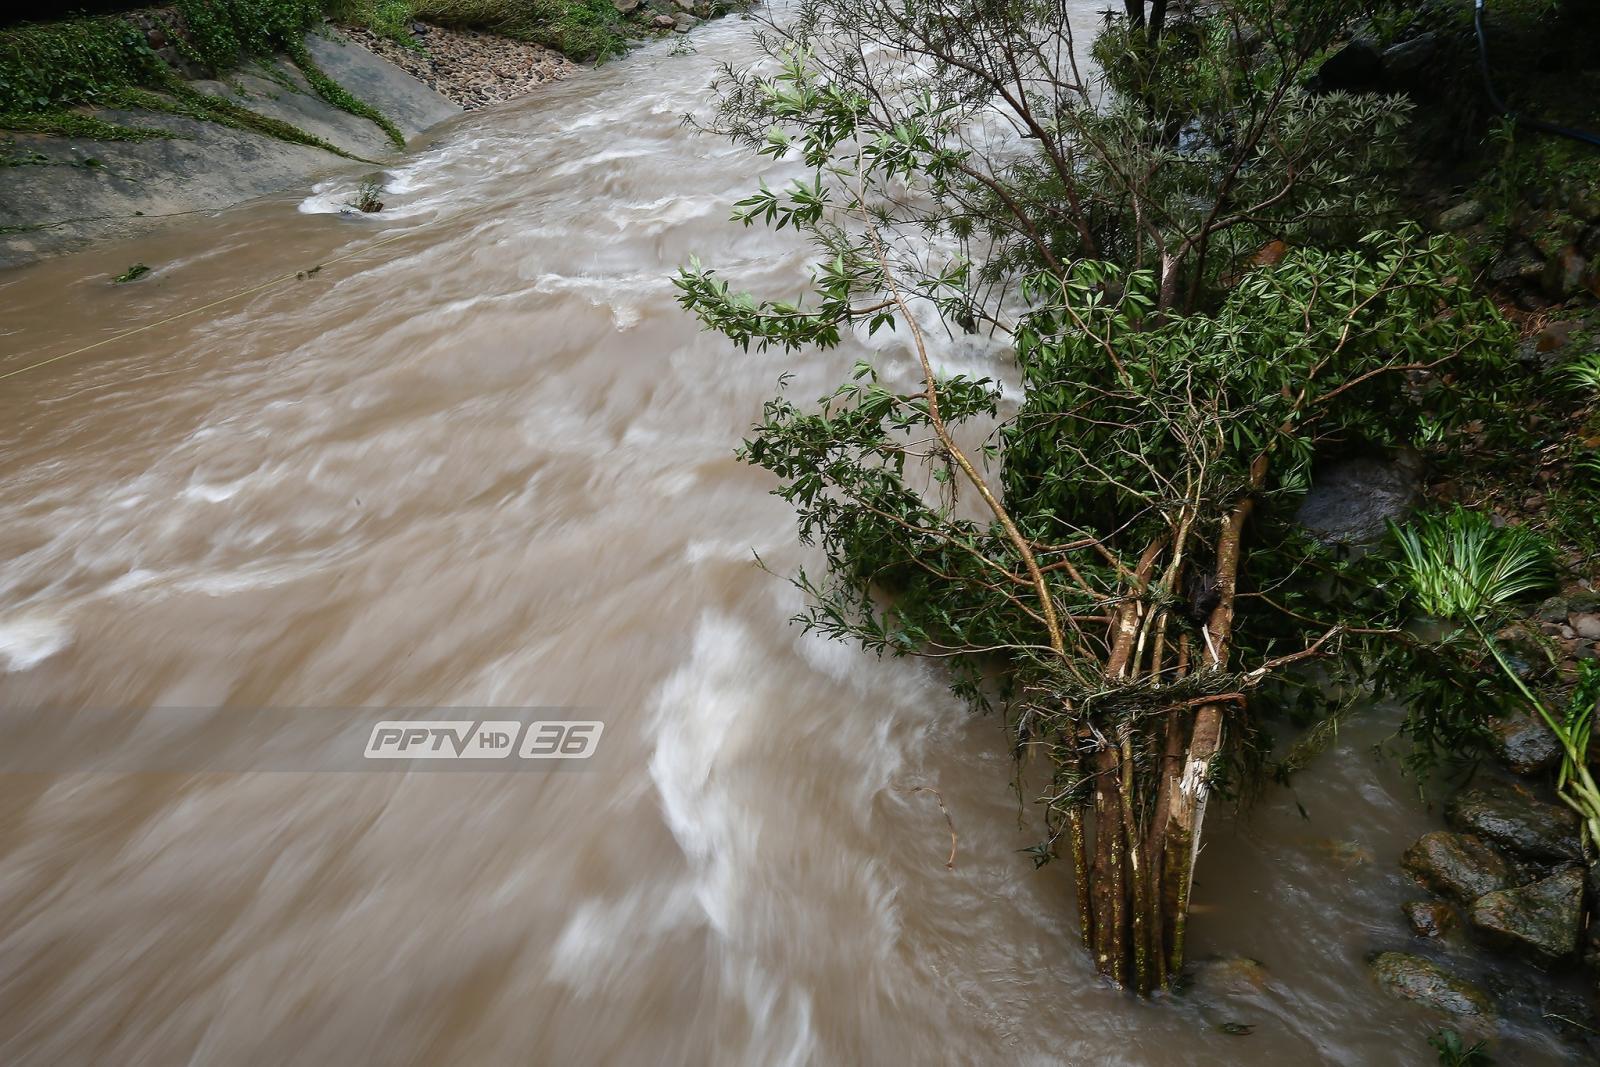 """""""น้ำตกวังตะไคร้ – น้ำตกนางรอง"""" ธรรมชาติที่สวยงาม แฝงความอันตรายที่ซ่อนอยู่"""